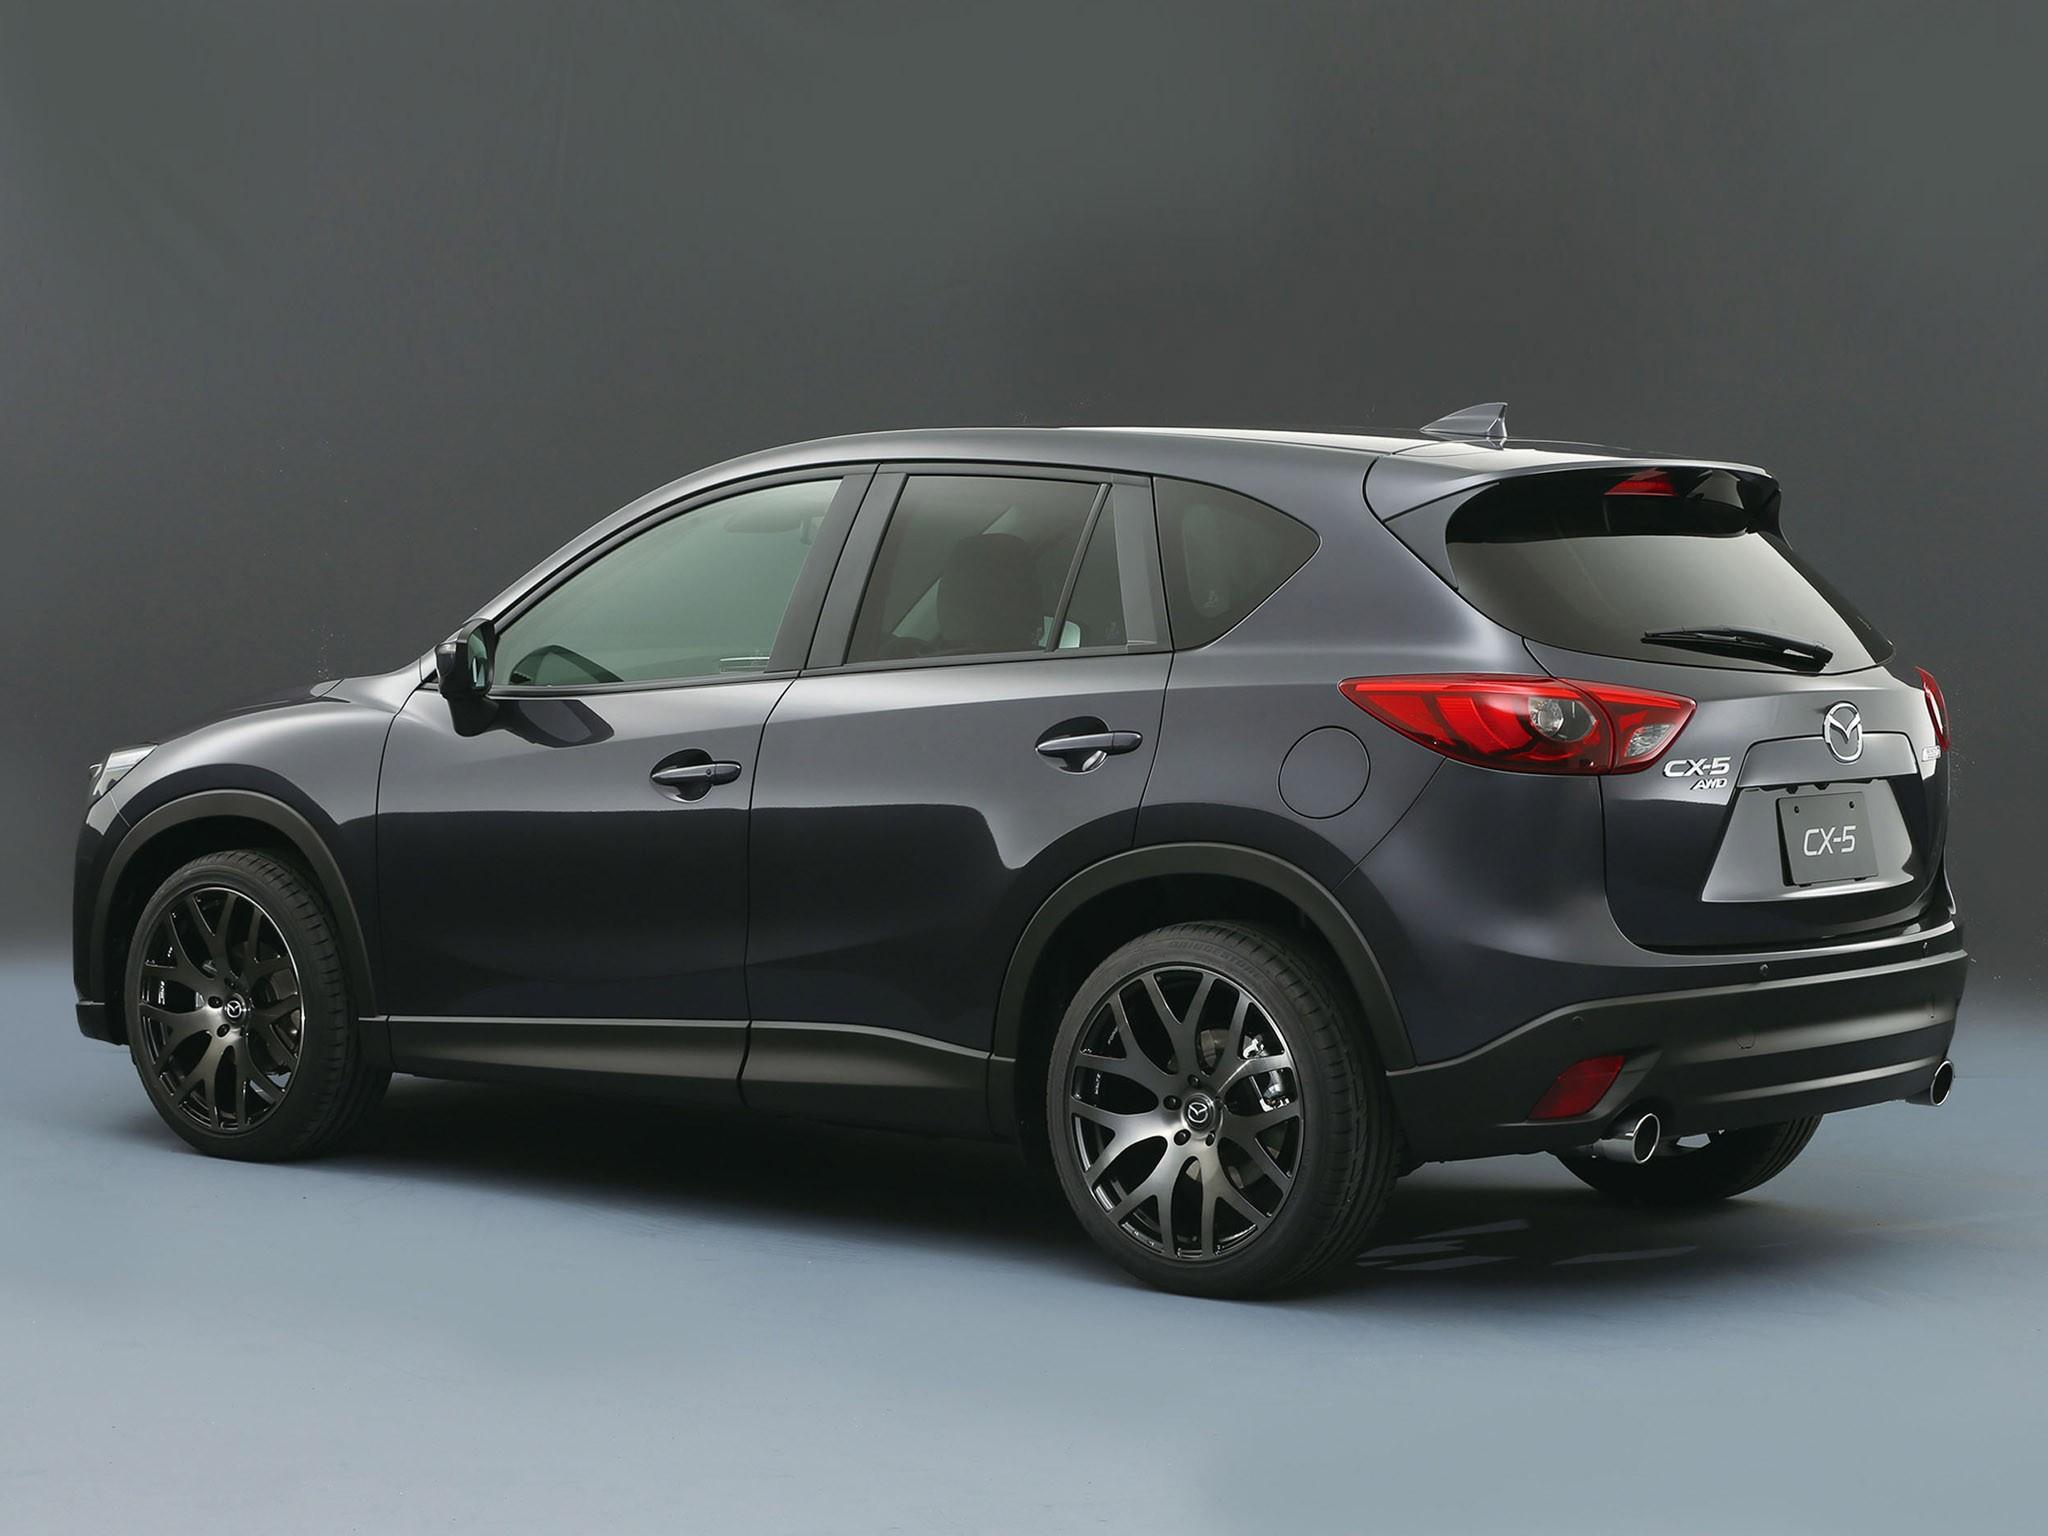 2015 Mazda CX-5 Prestige Style Concept